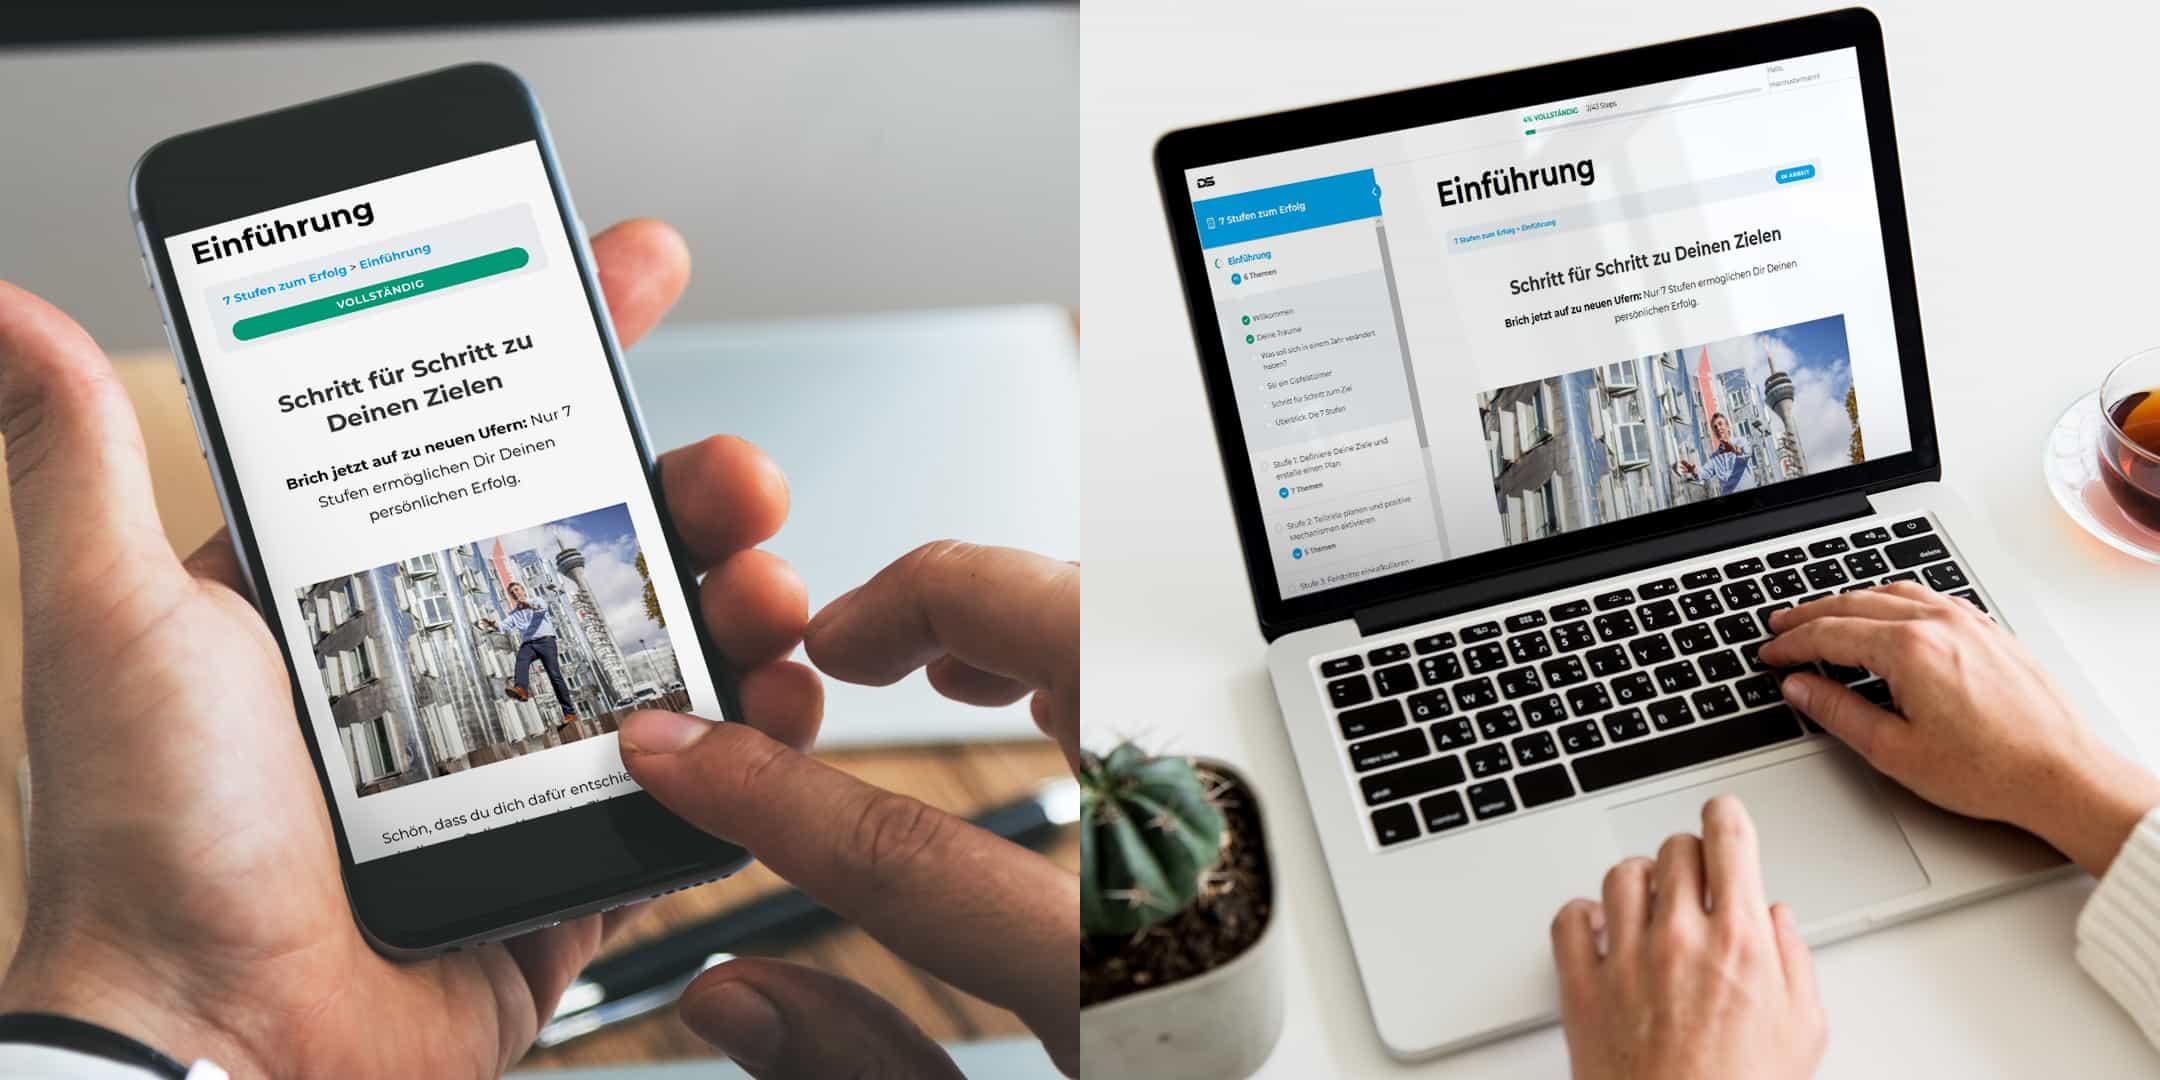 Dirk Schmdit Online-Kurs auf allen Geräten